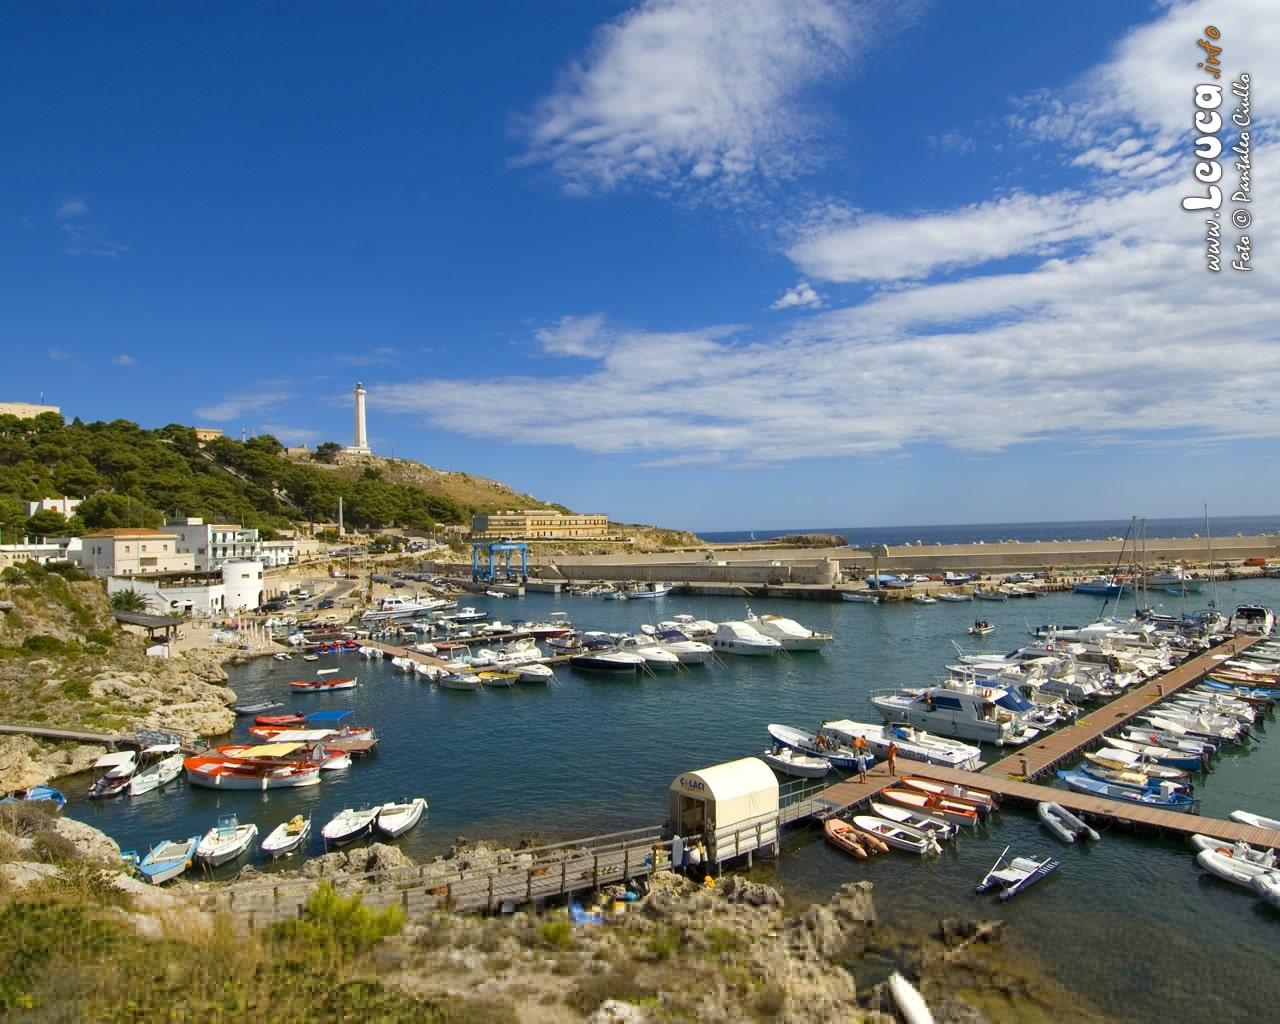 Vista panoramica del porto turistico di Santa Maria di leuca